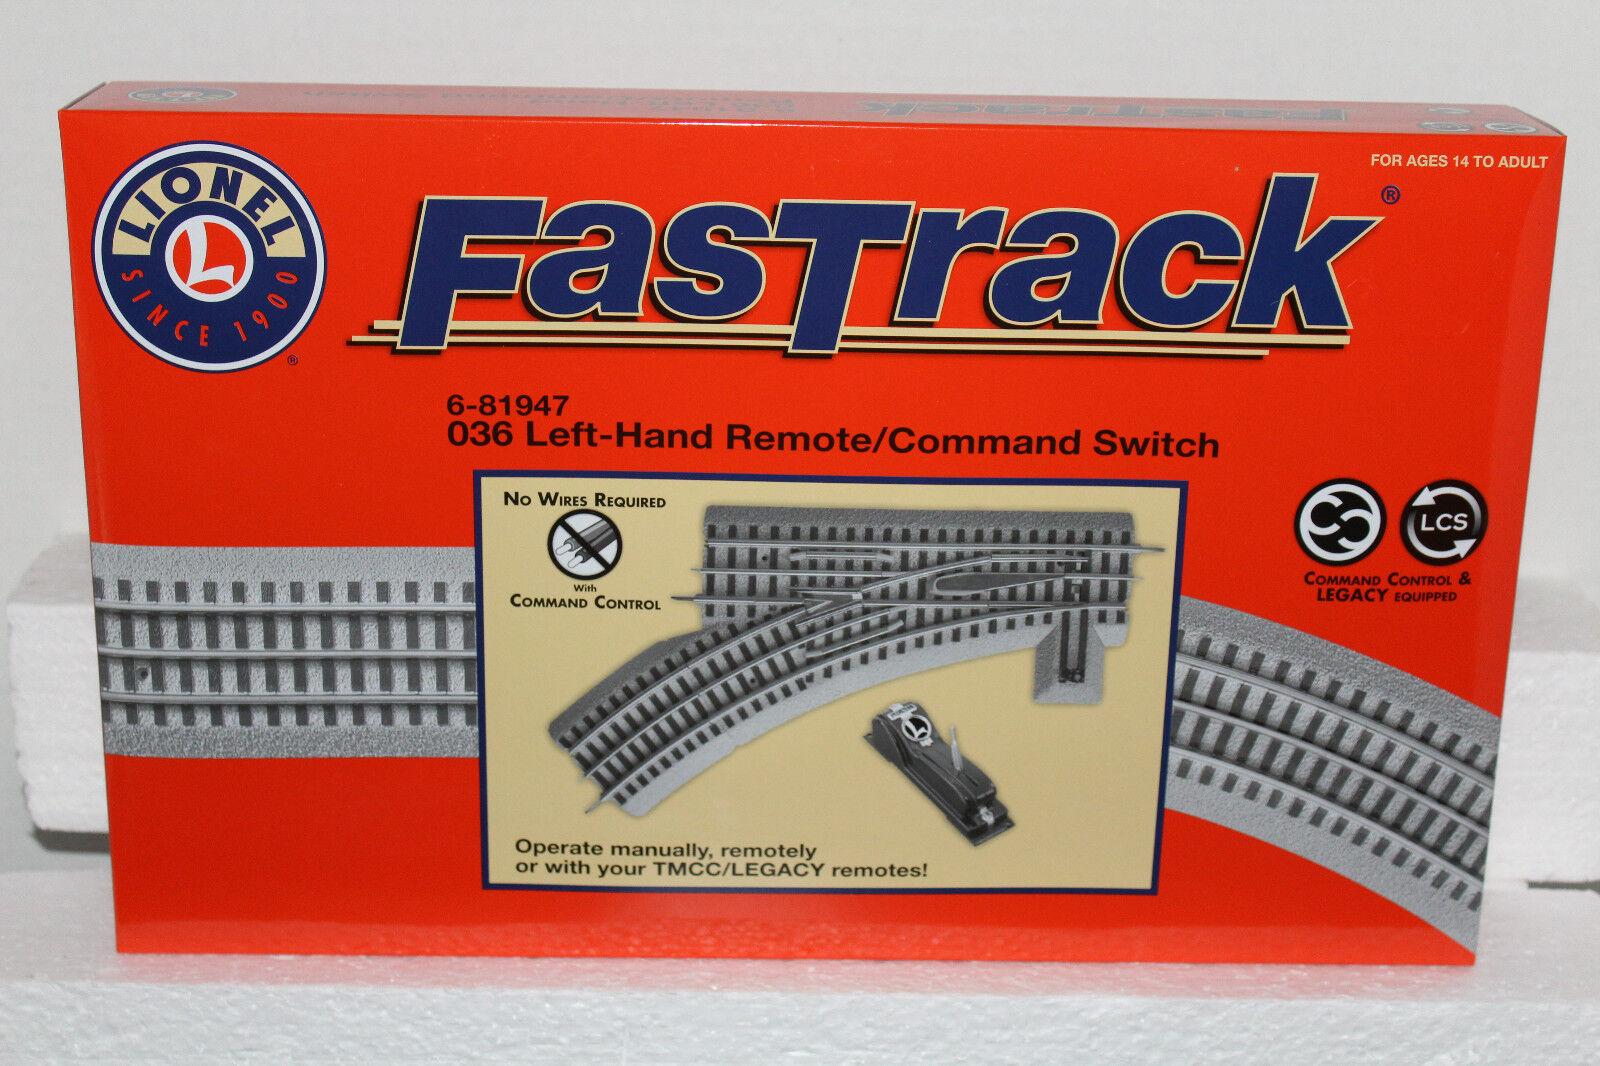 Lione Fastrack 036 Control Remoto Interruptor de mano izquierda comando